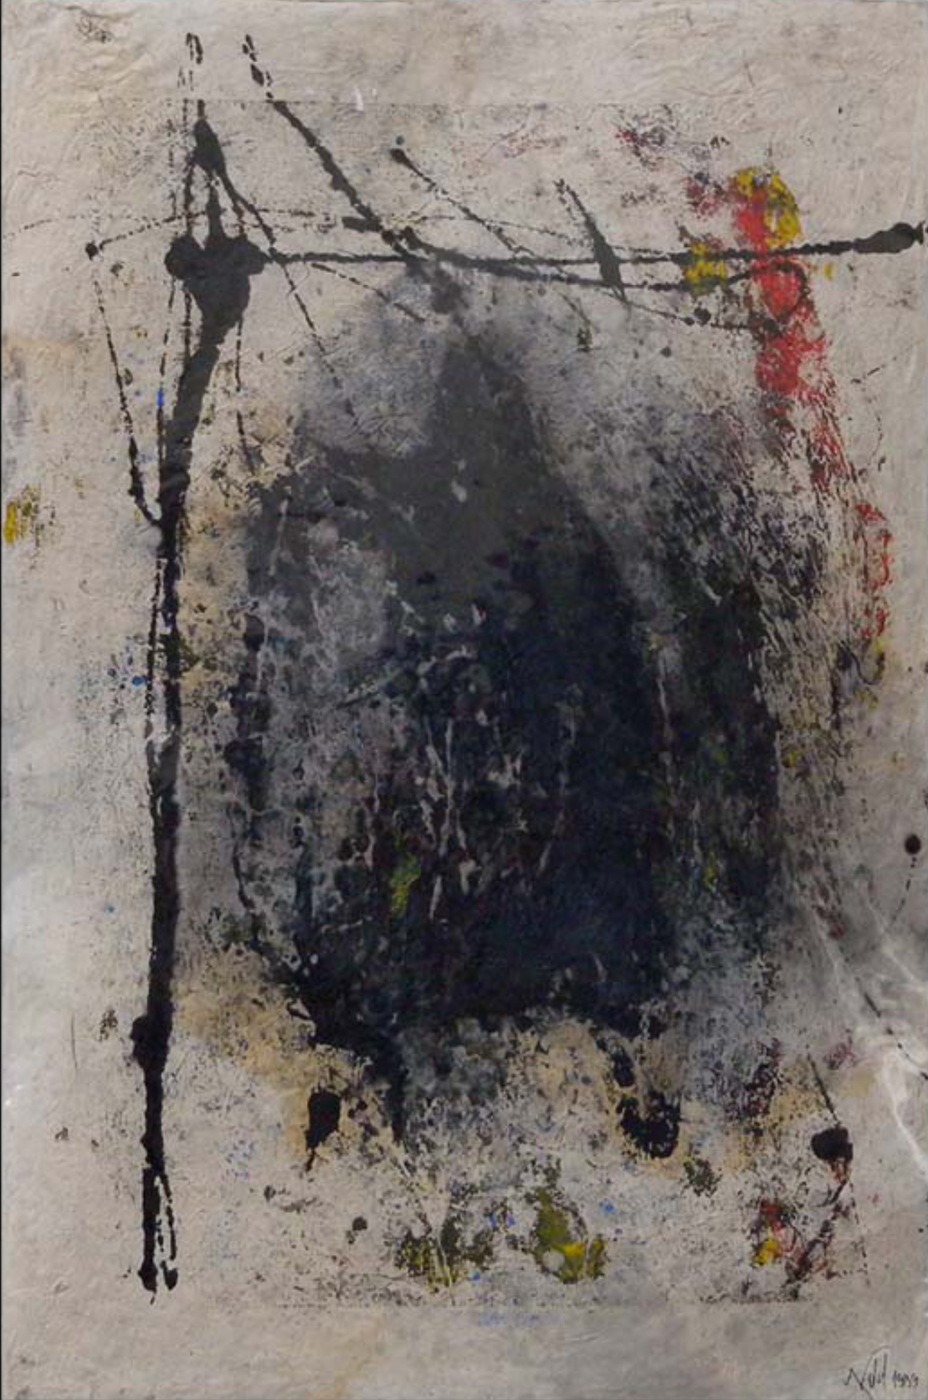 MARC FELD 1999 SONG FOR DANIEL DOBBELS 2 Huile pigment sur papier sur papier marouflé sur toile 50 x 76 cm